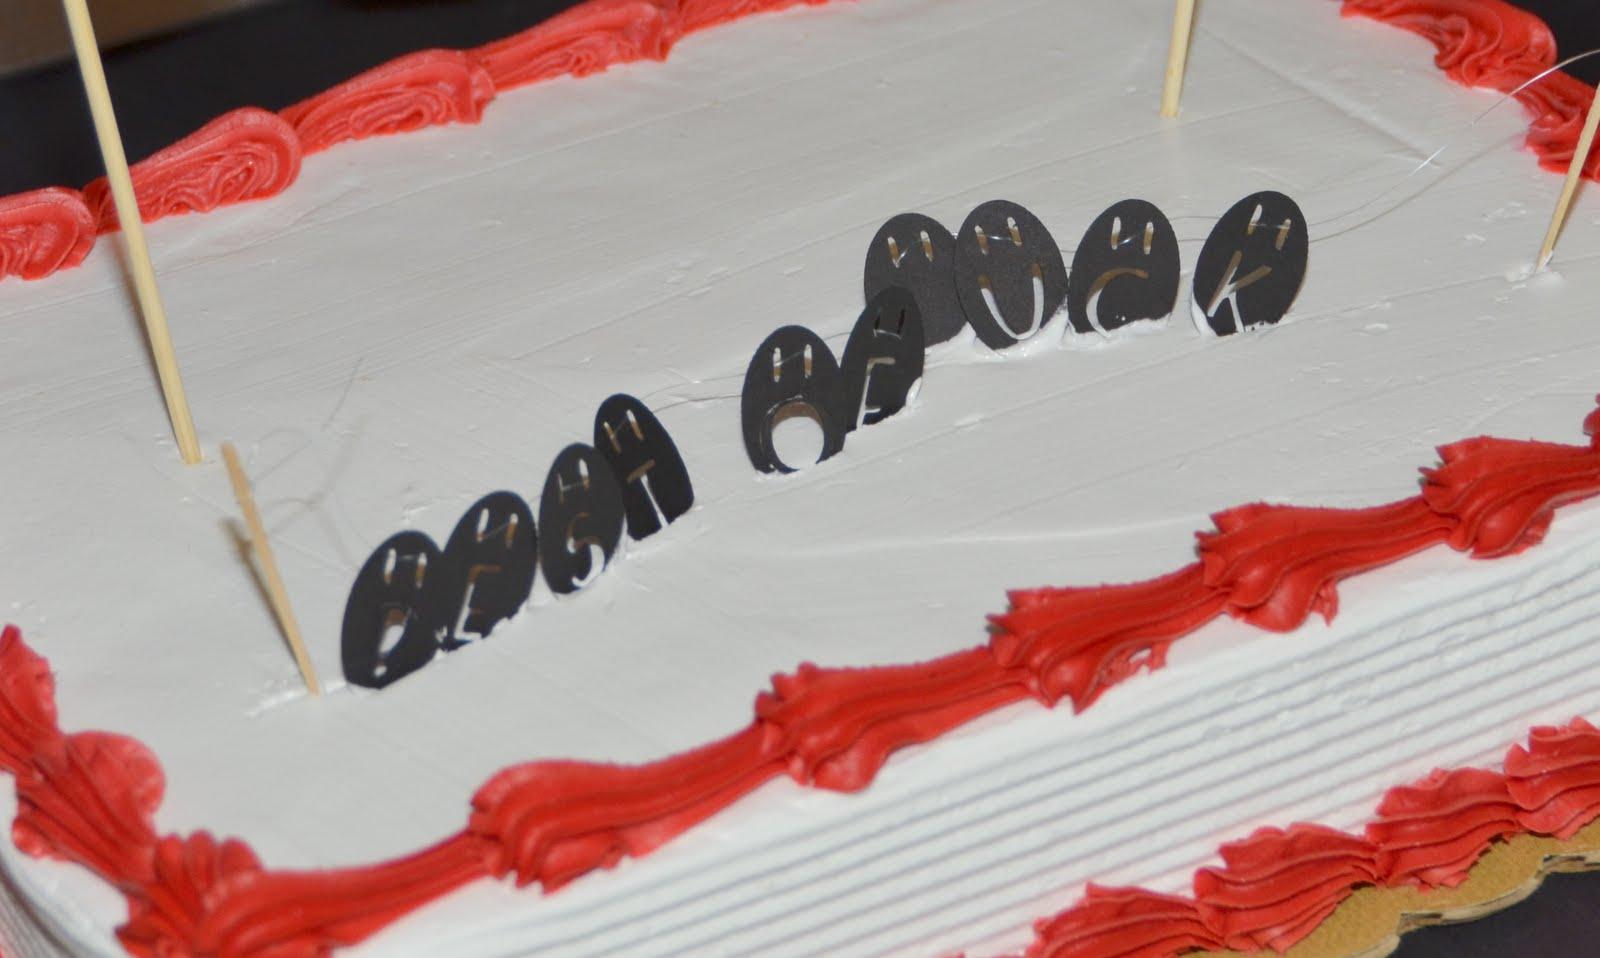 Pin Meijer Bakery Birthday Cakes Cake On Pinterest